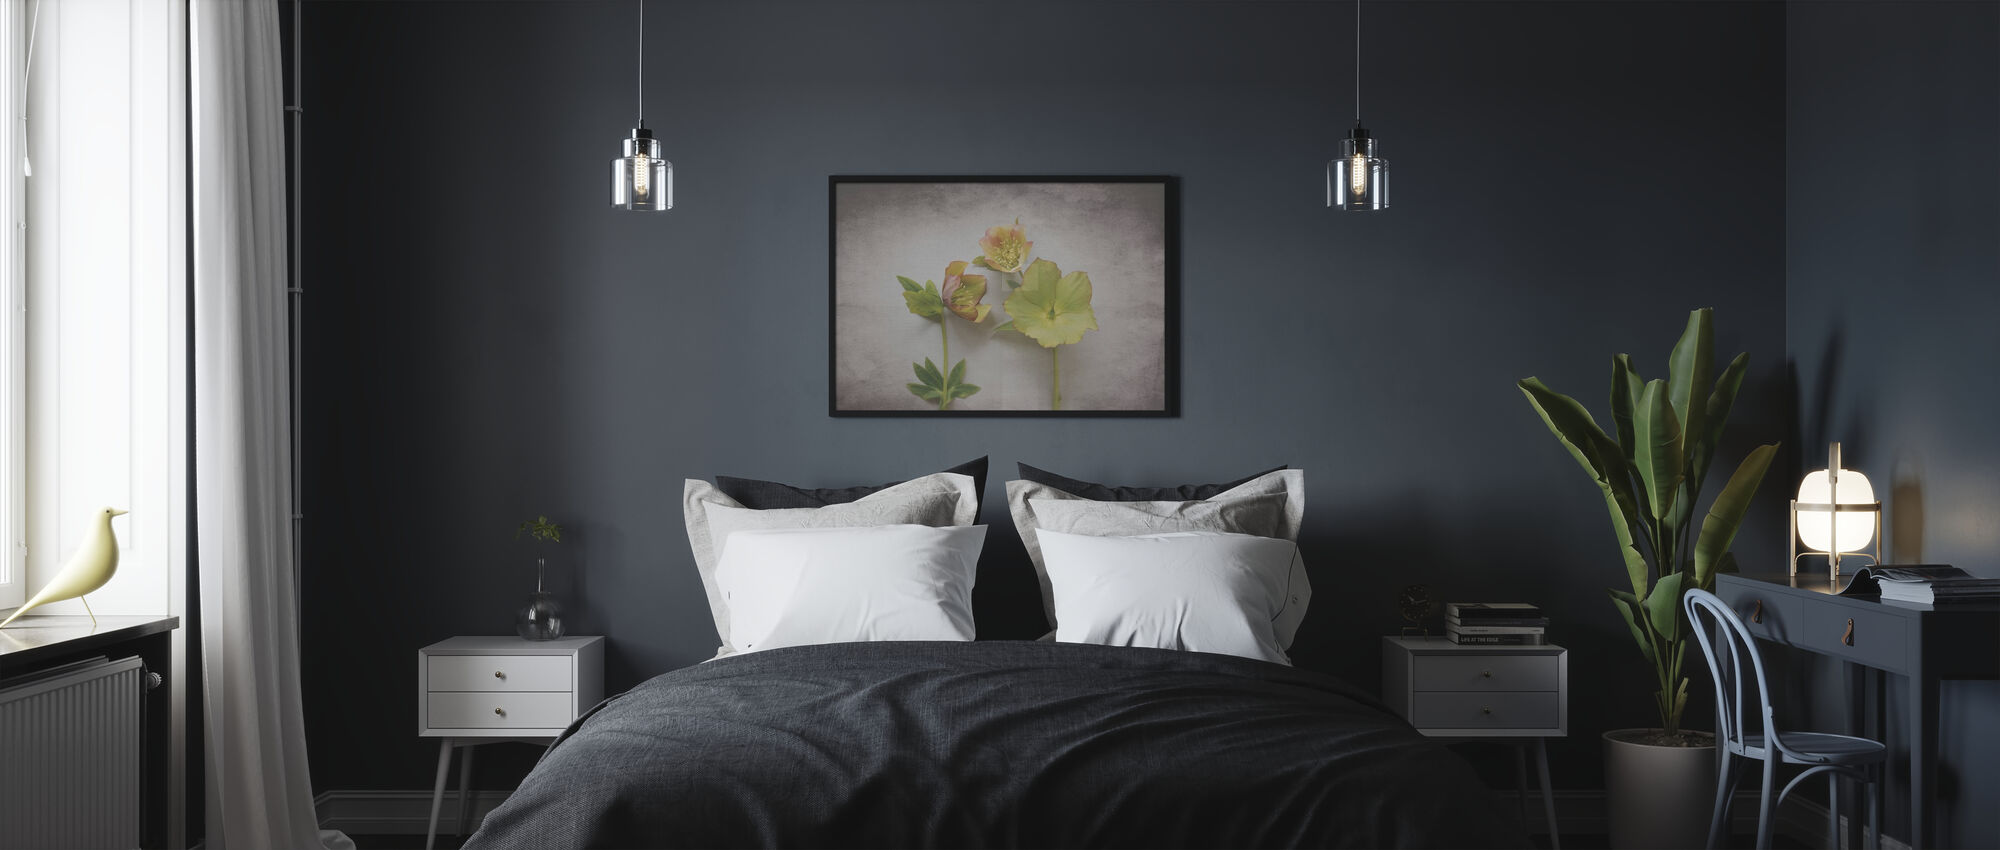 Vintage Hellebore Study IV - Framed print - Bedroom